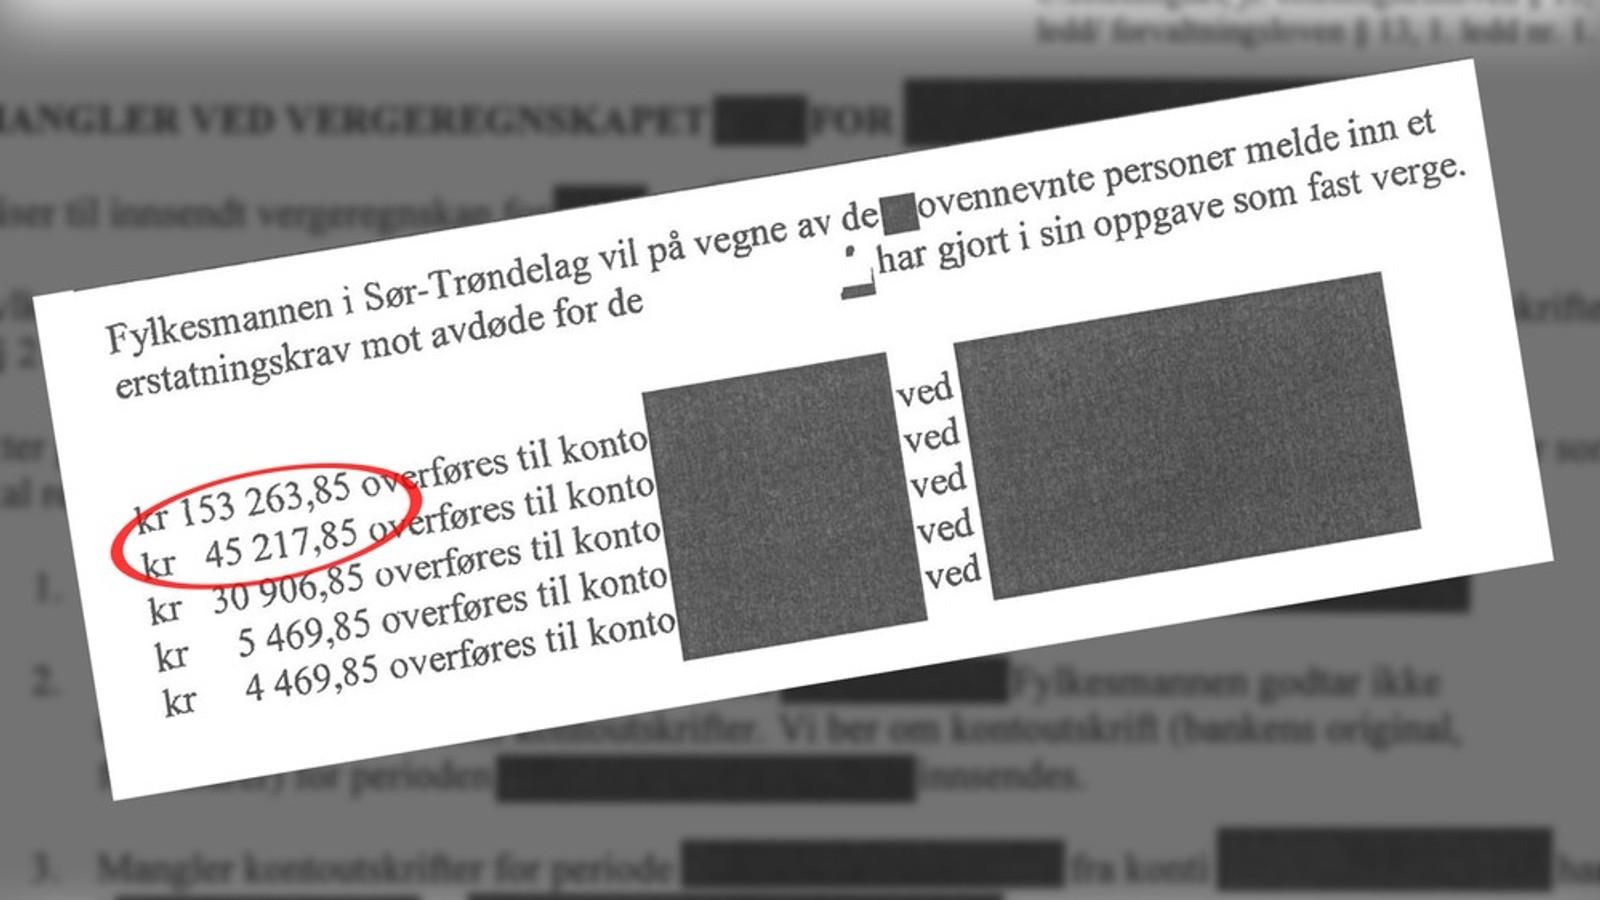 Ber justisministeren rydde opp etter verge-underslag